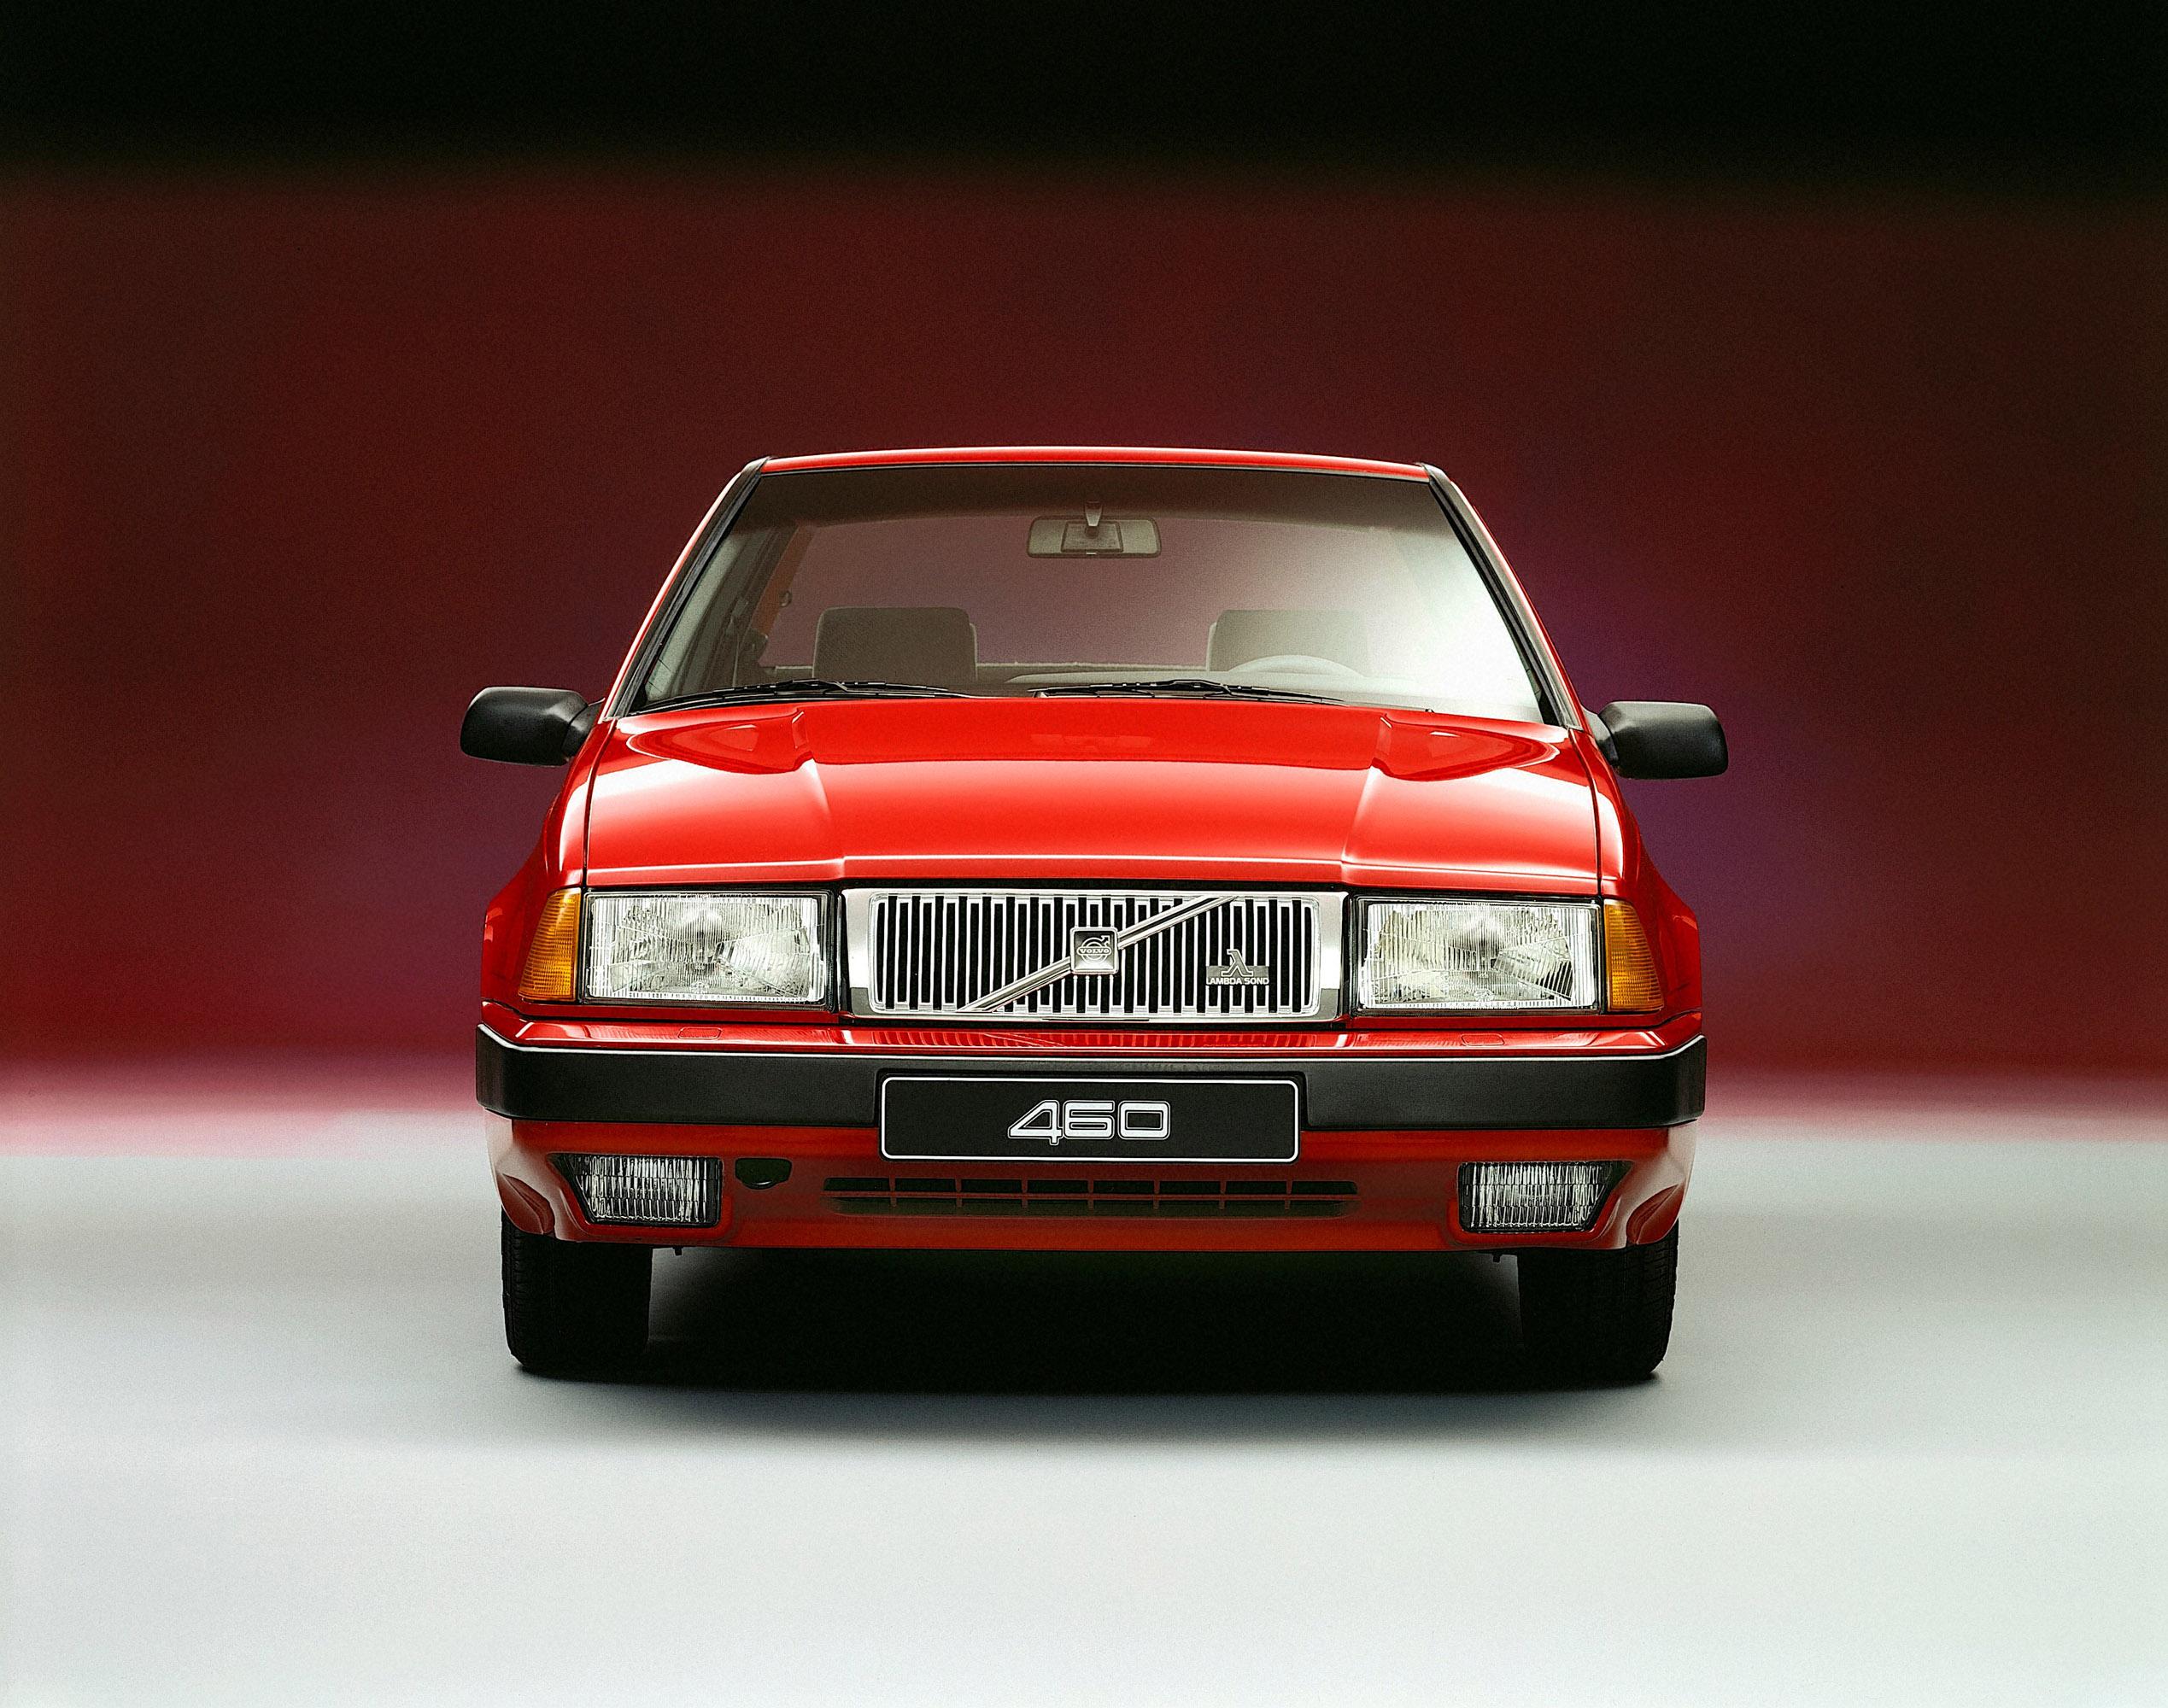 Volvo 460 photo #1